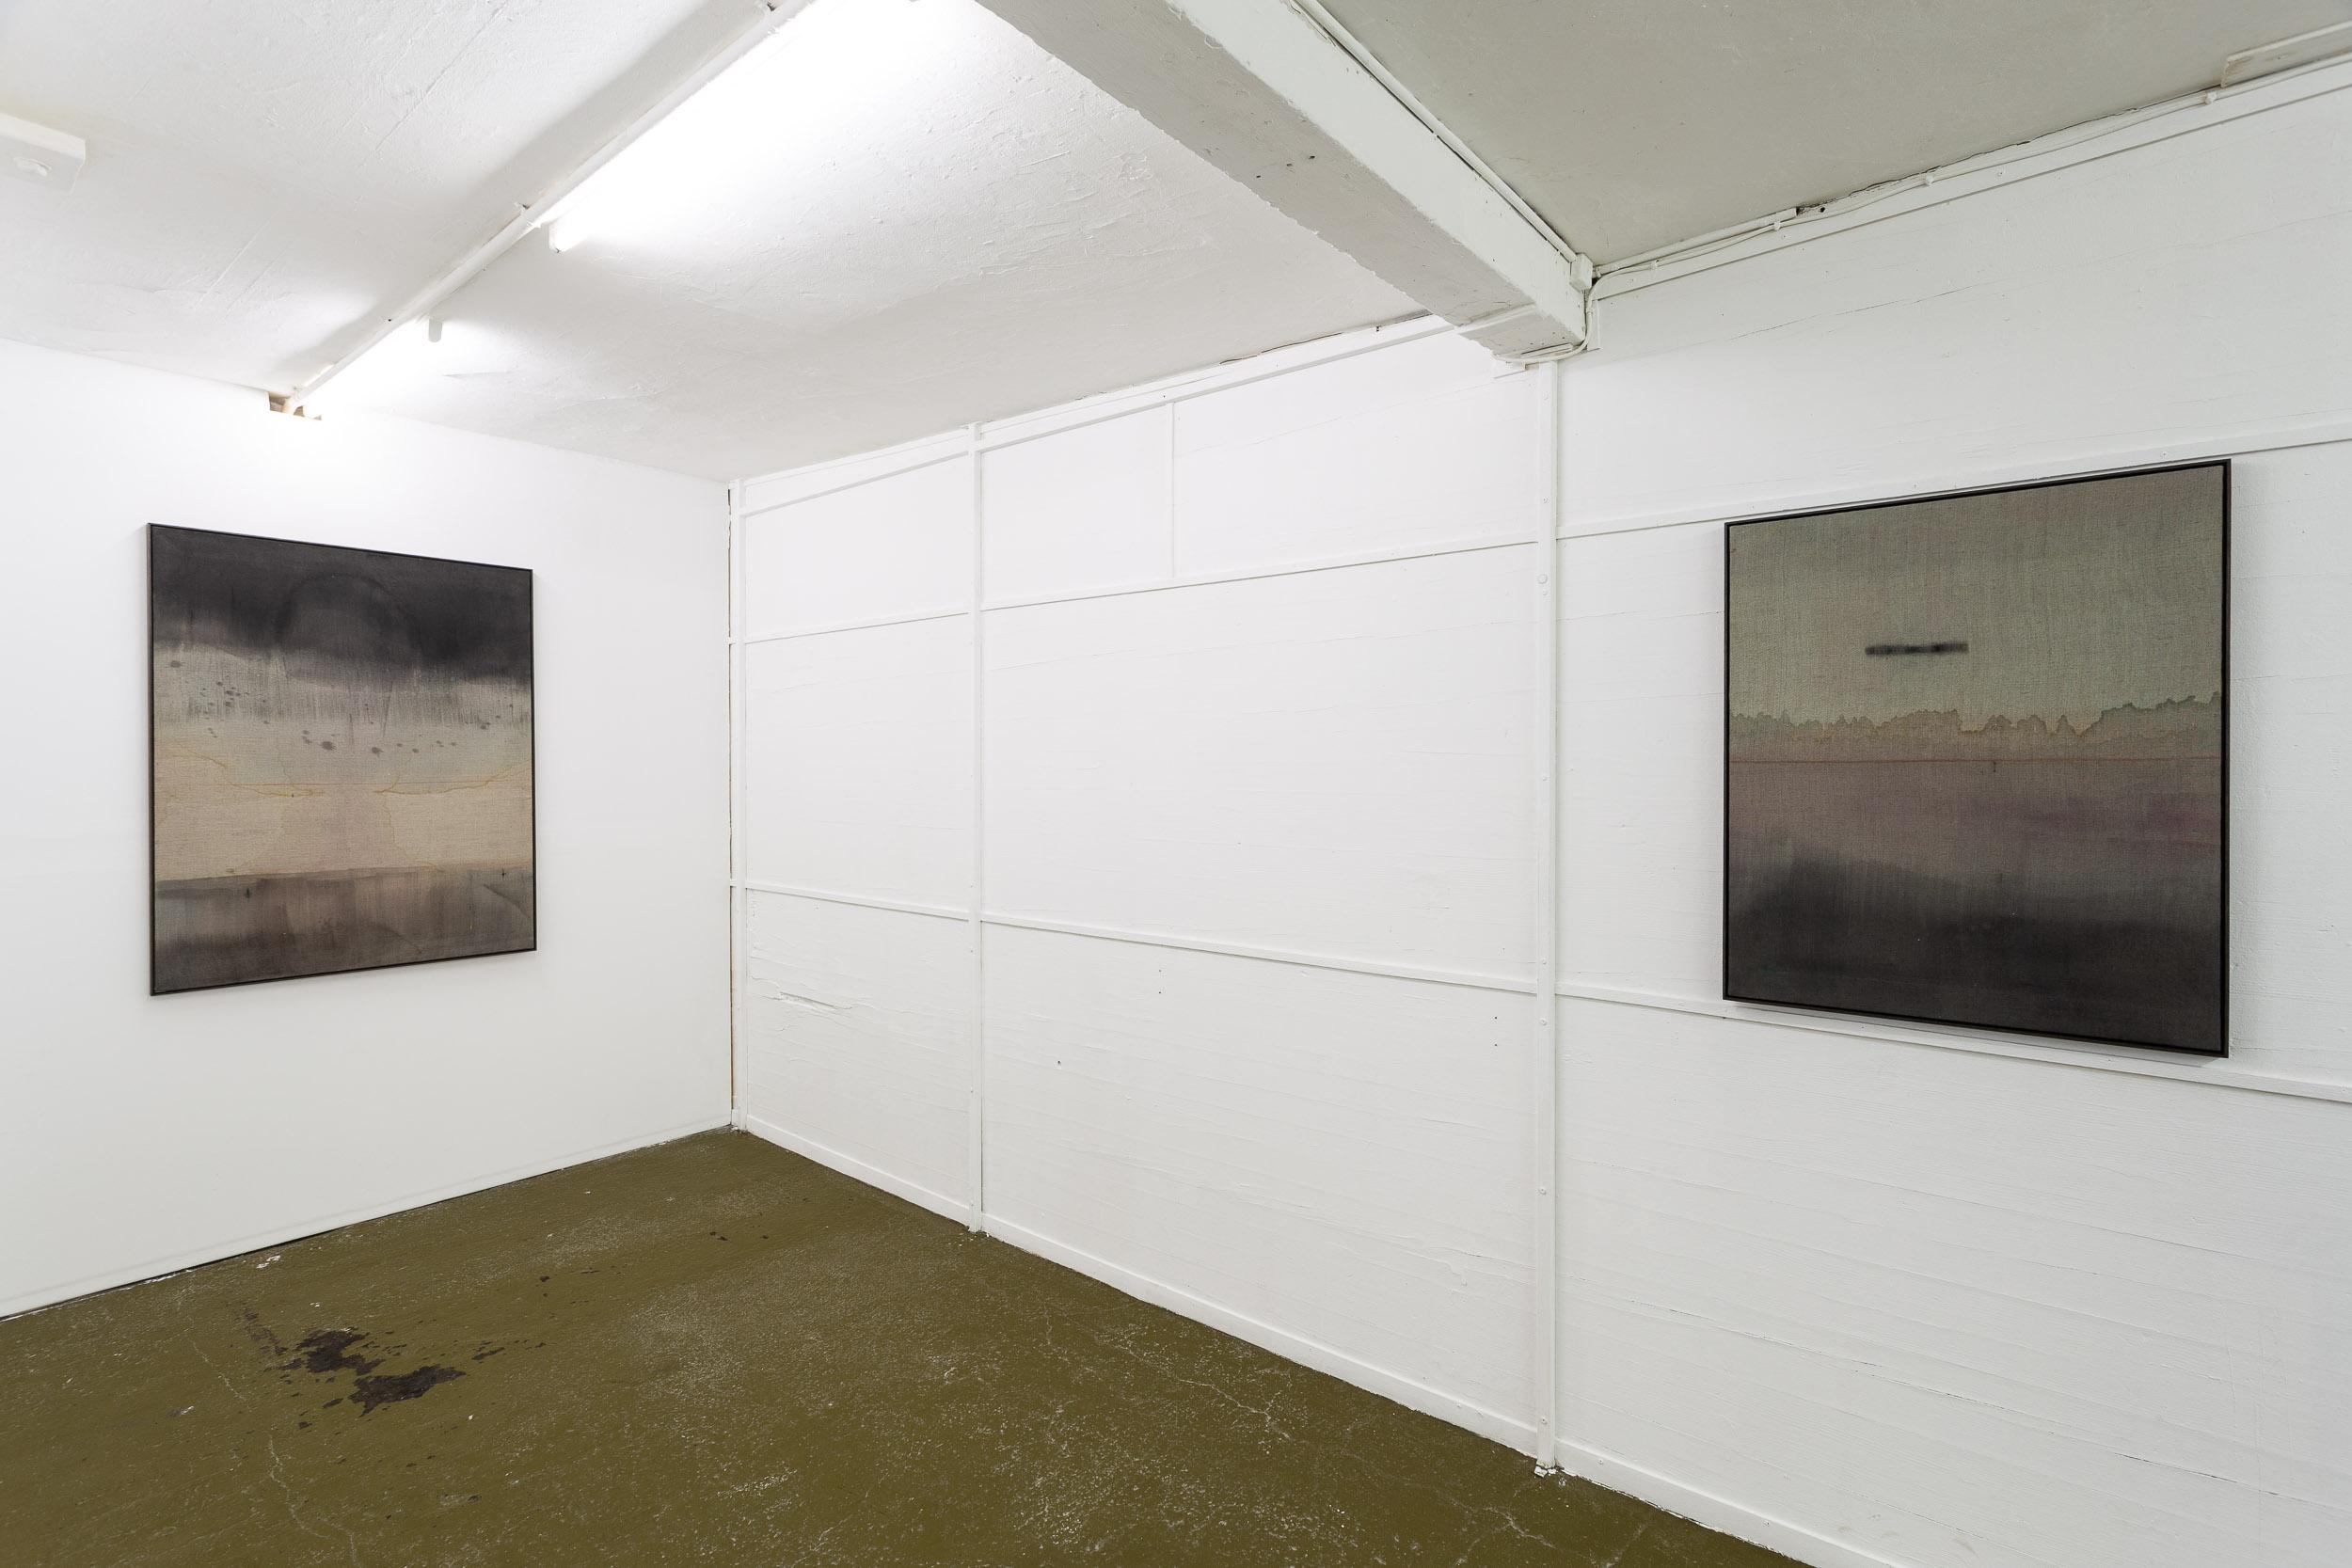 Kirstine Roepstorff, installation view  Photo: Kilian Bannwart